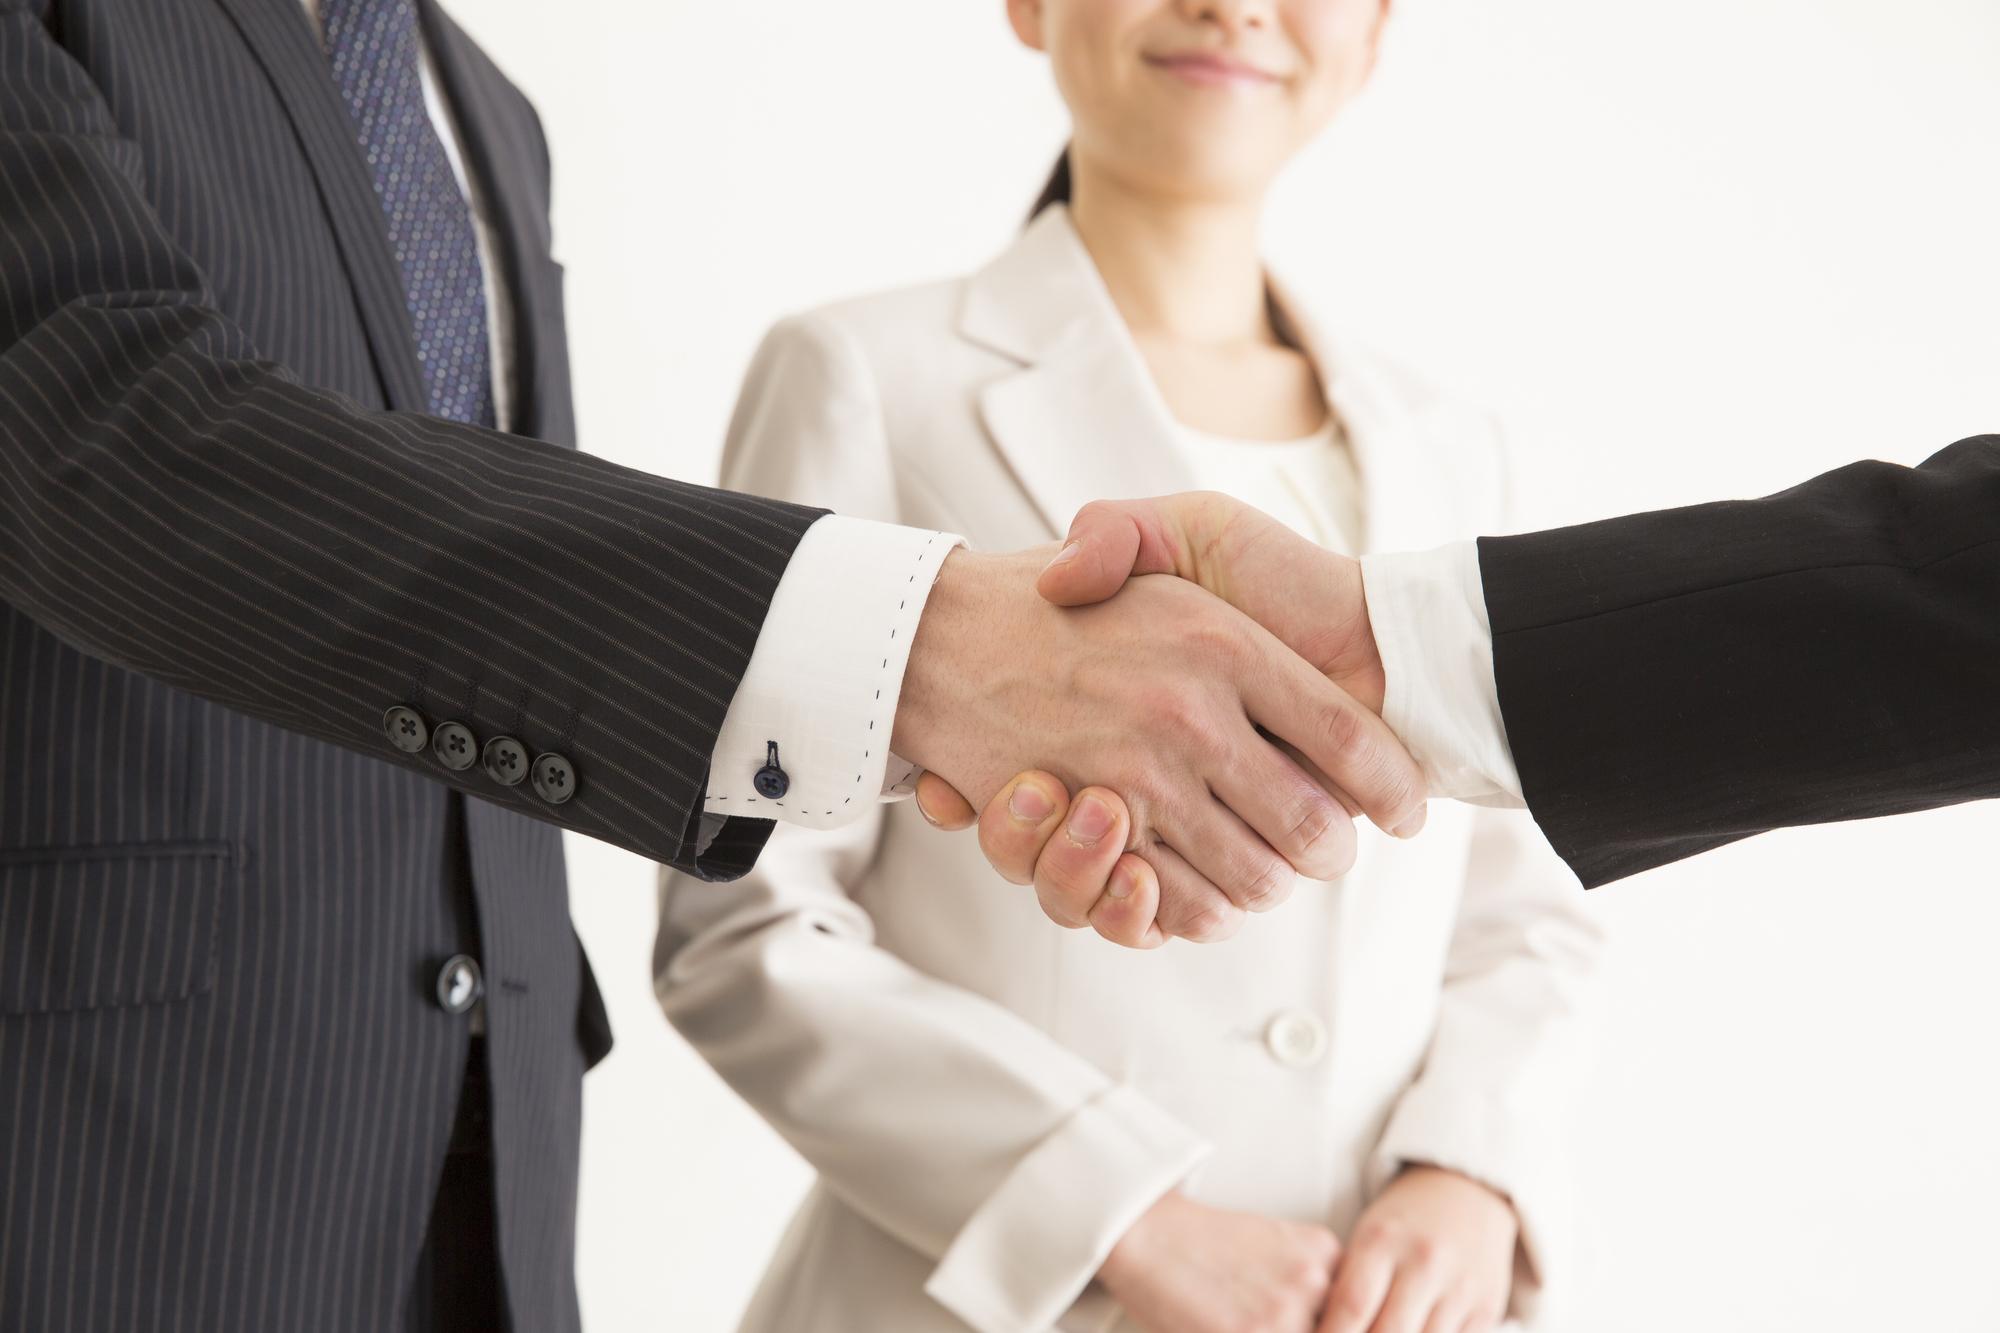 ソリューション営業とはどんな営業手法?必要なスキルや成功させるための方法を紹介